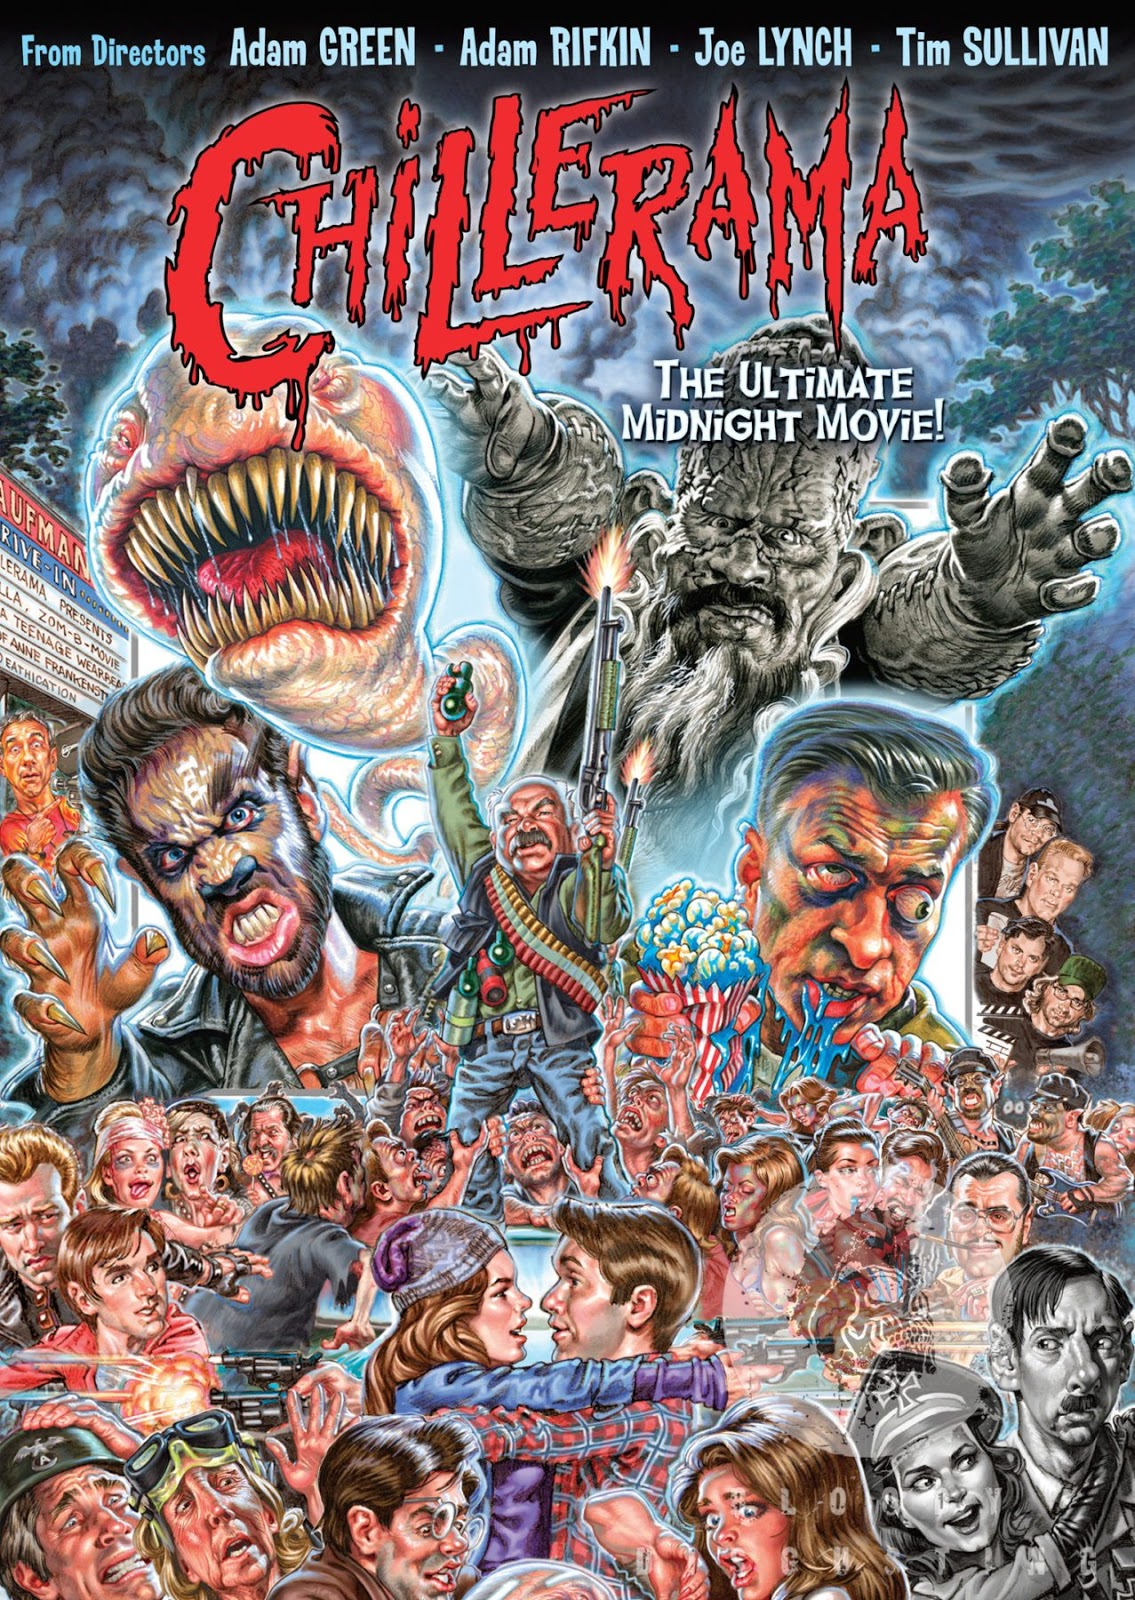 Chillerama (2011) Subtitle Indonesia - Film Online 05